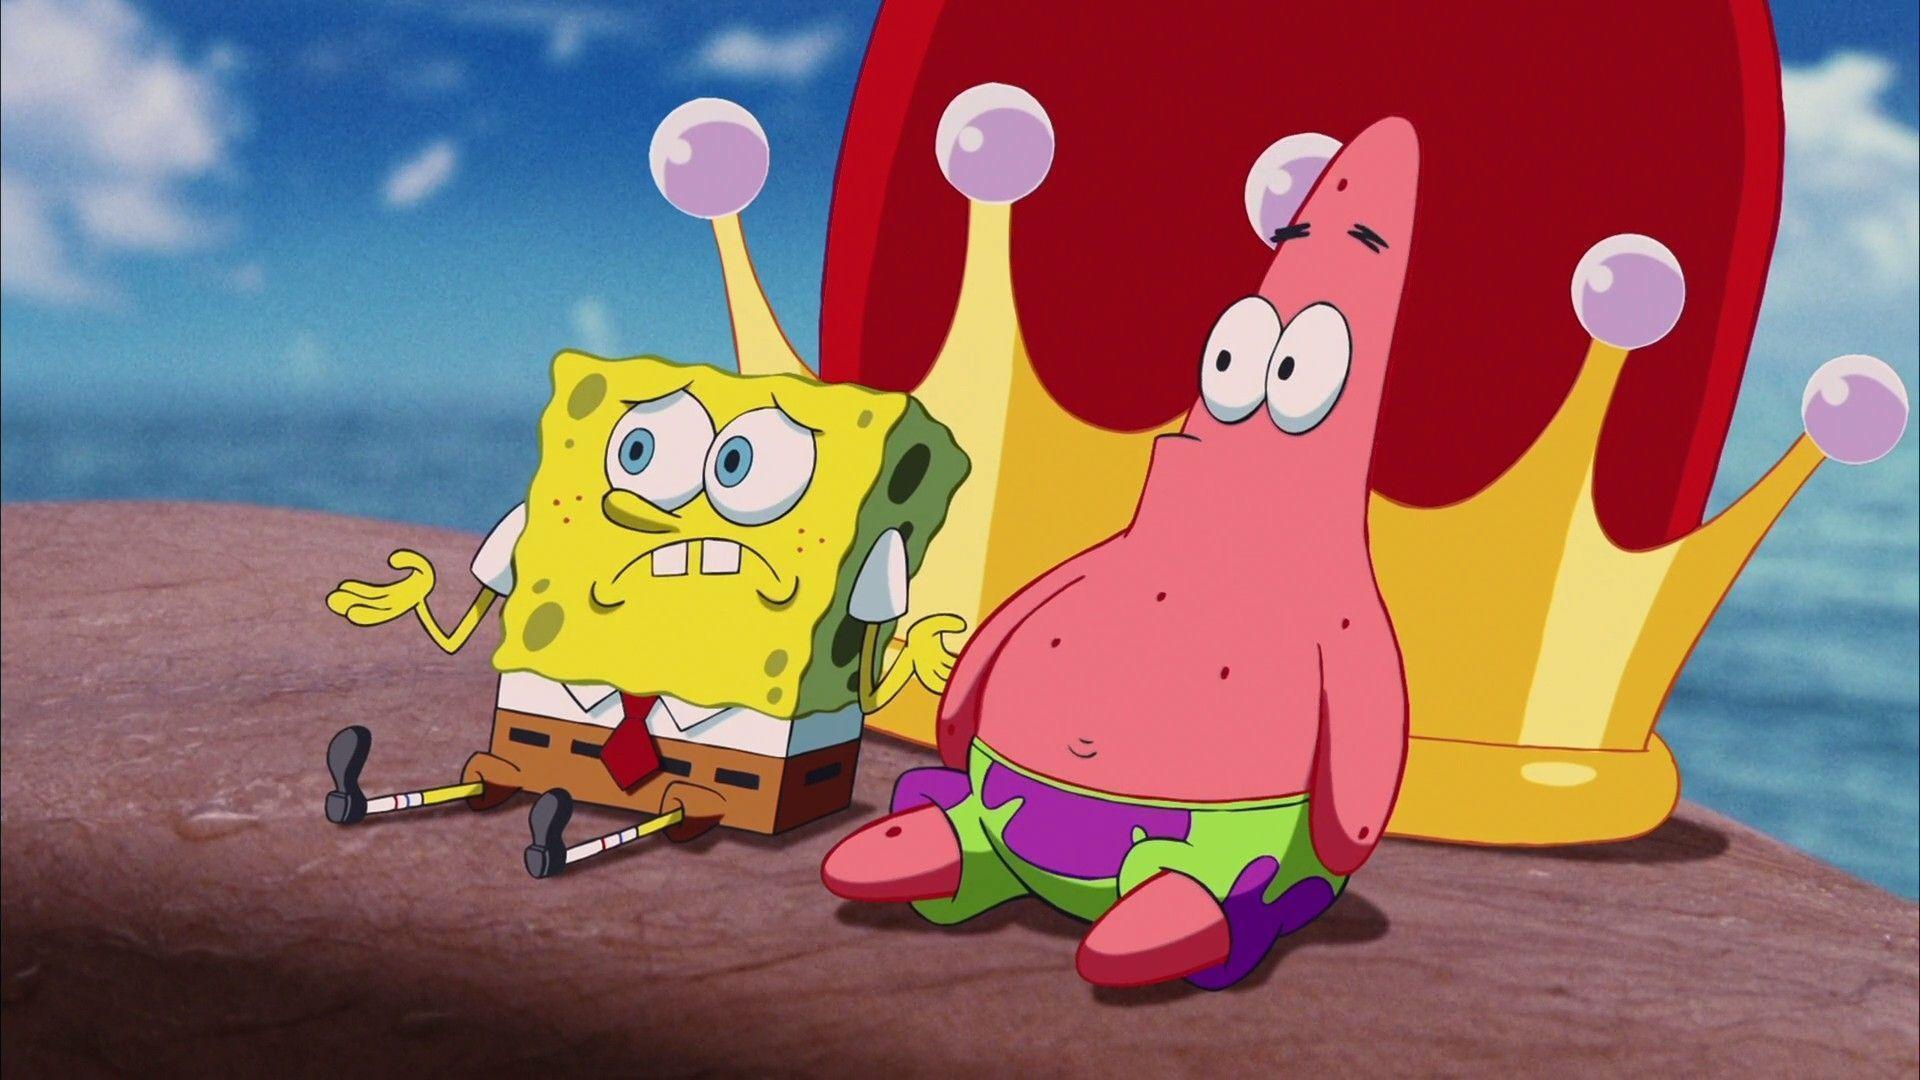 Funny Spongebob Wallpapers 1920x1080